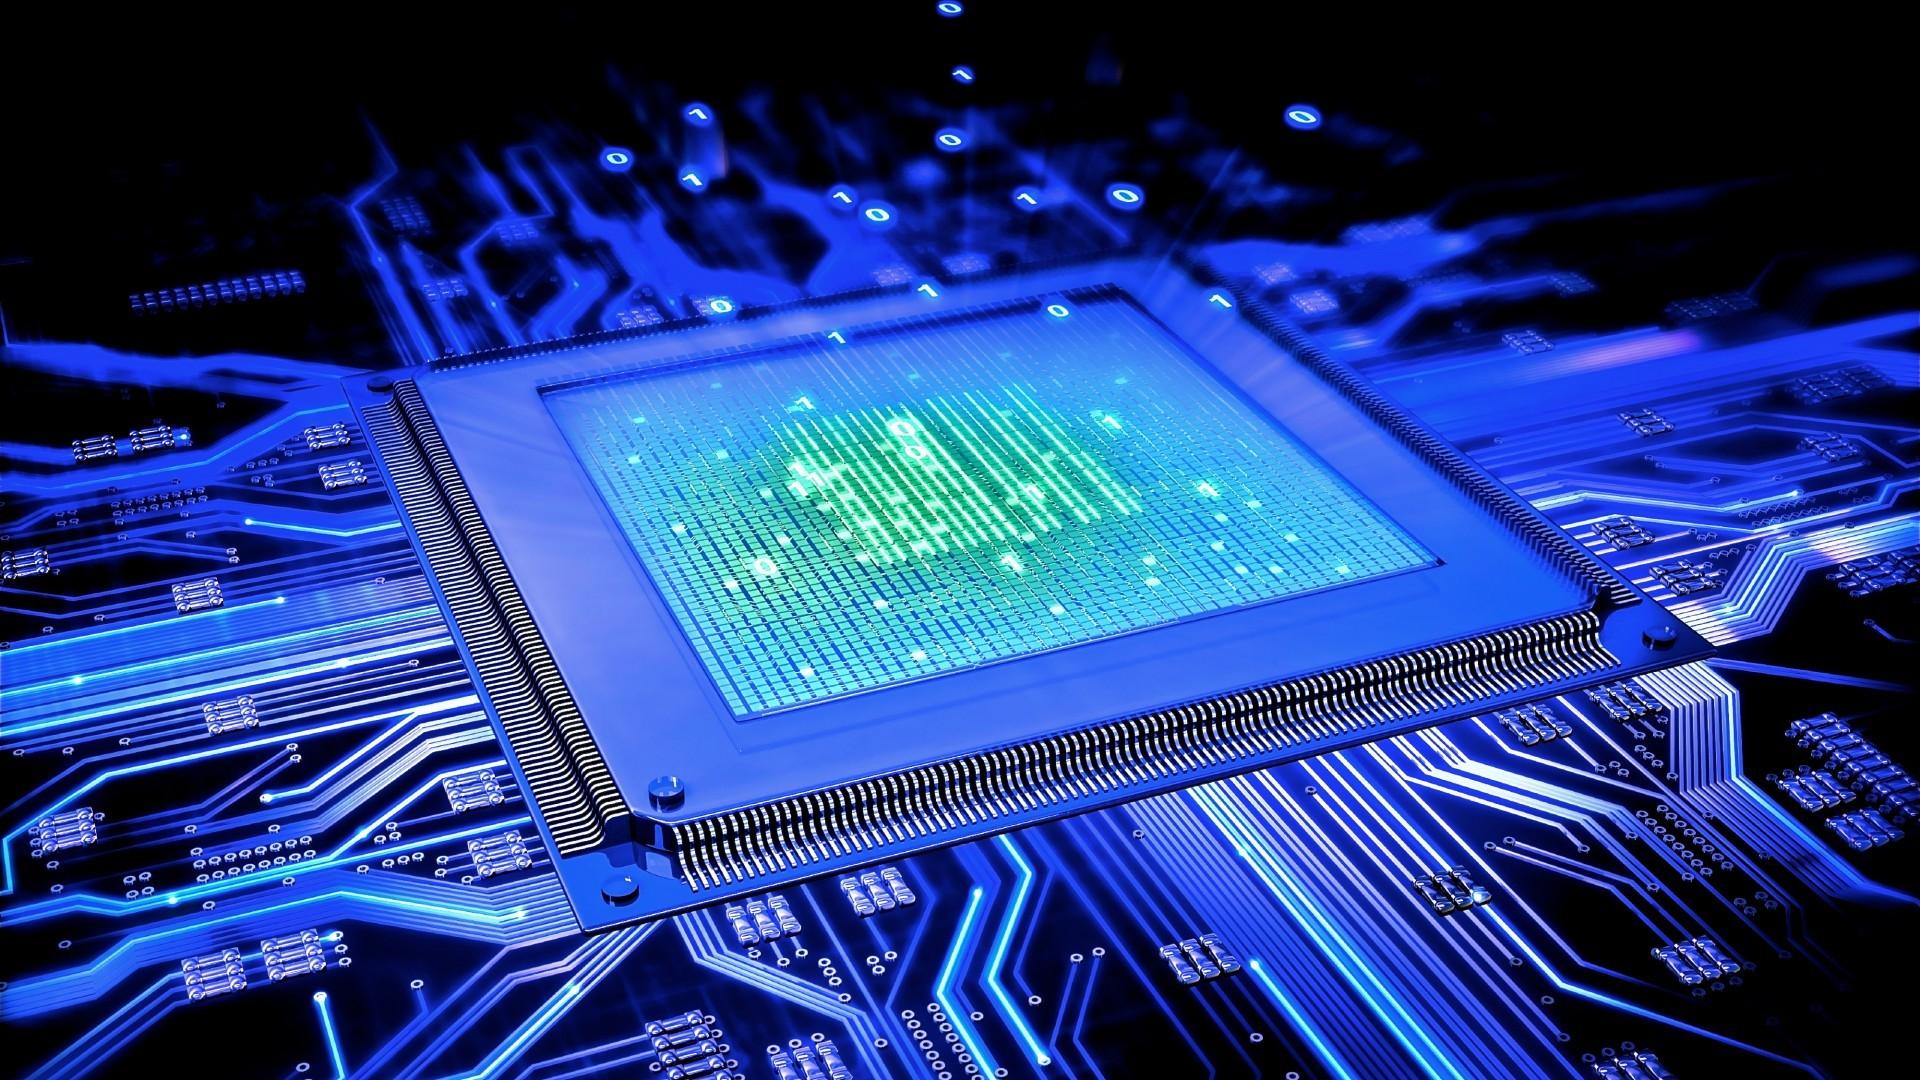 hardware-cpu-high-tech-blue-1920x1080